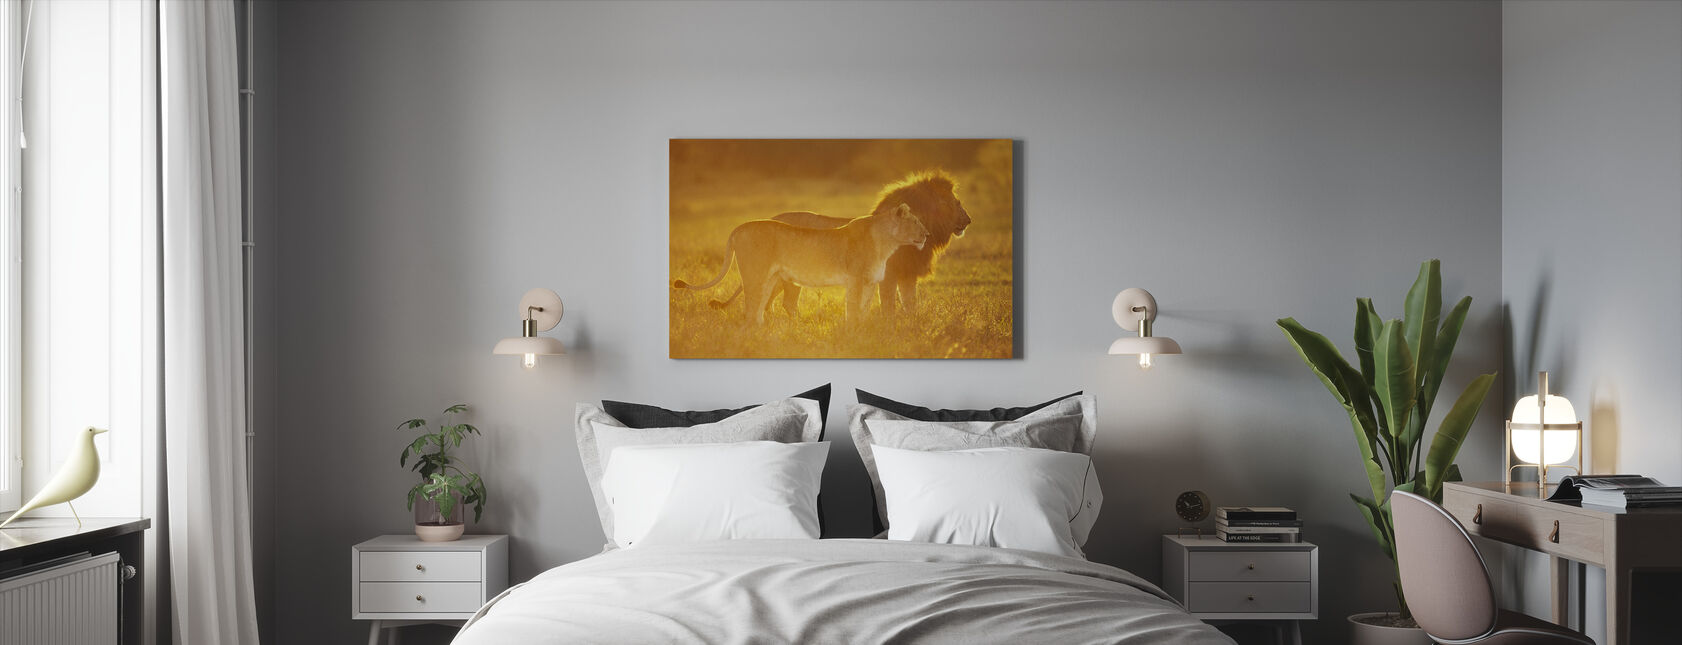 Mannlig og kvinnelig Løve - Lerretsbilde - Soverom